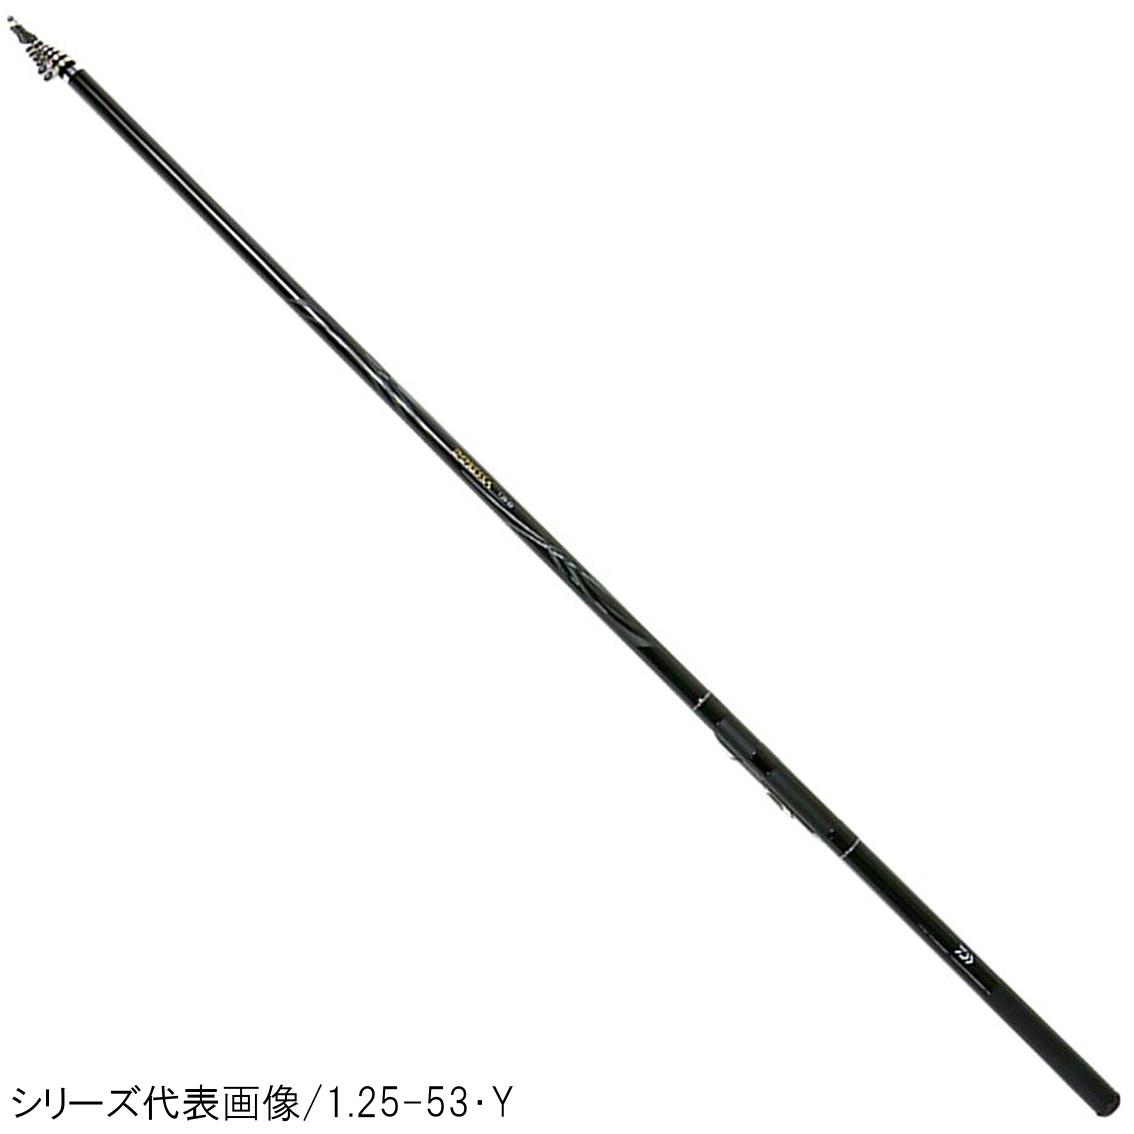 インプレッサ 1-53・Y ダイワ【同梱不可】